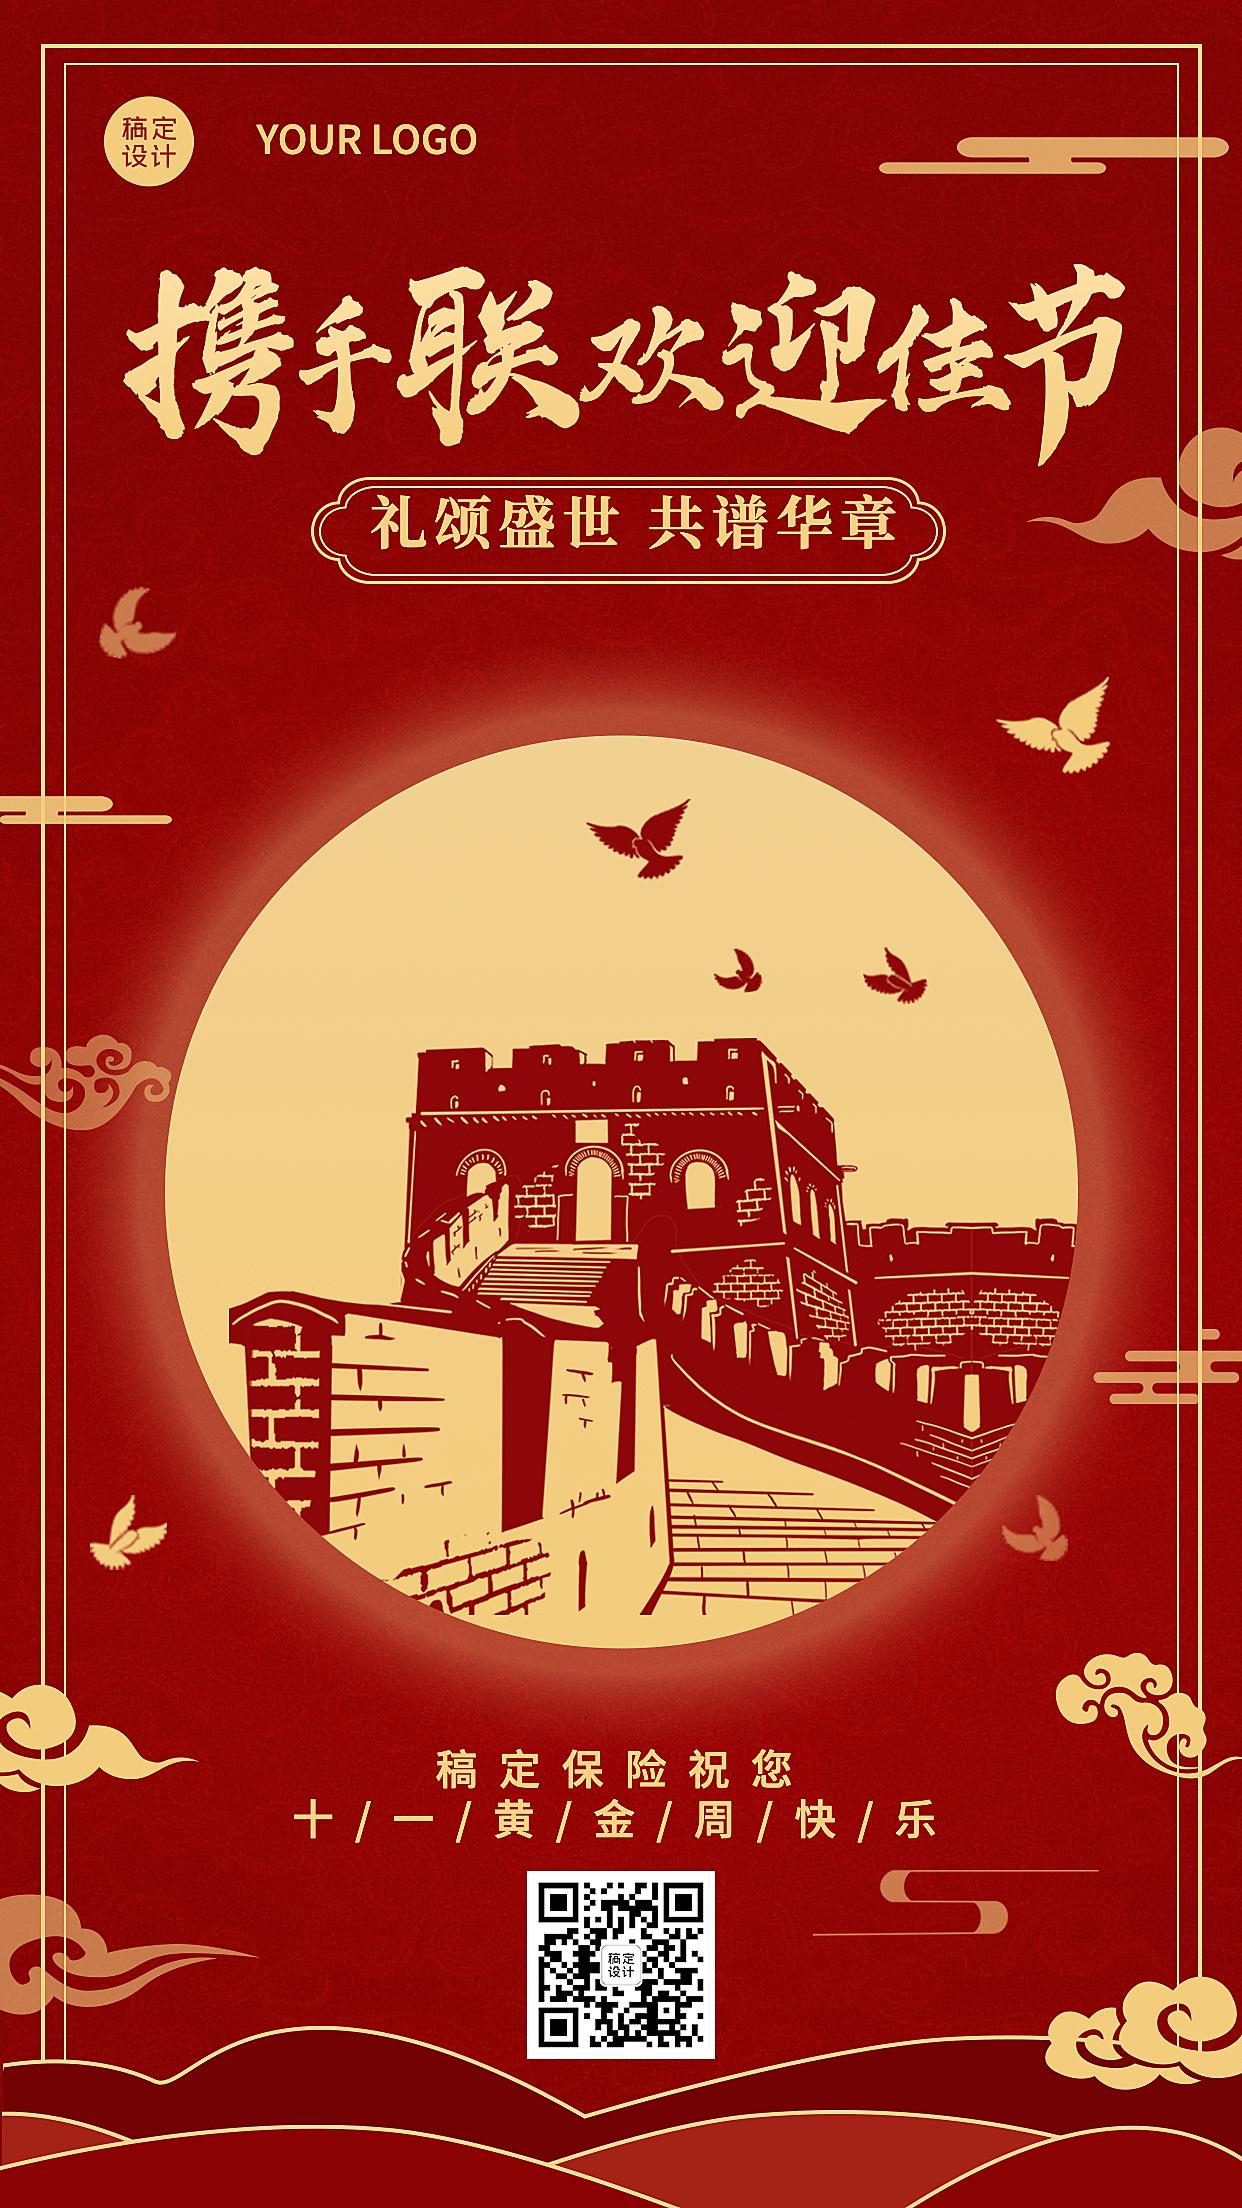 国庆节黄金周金融保险节日祝福海报